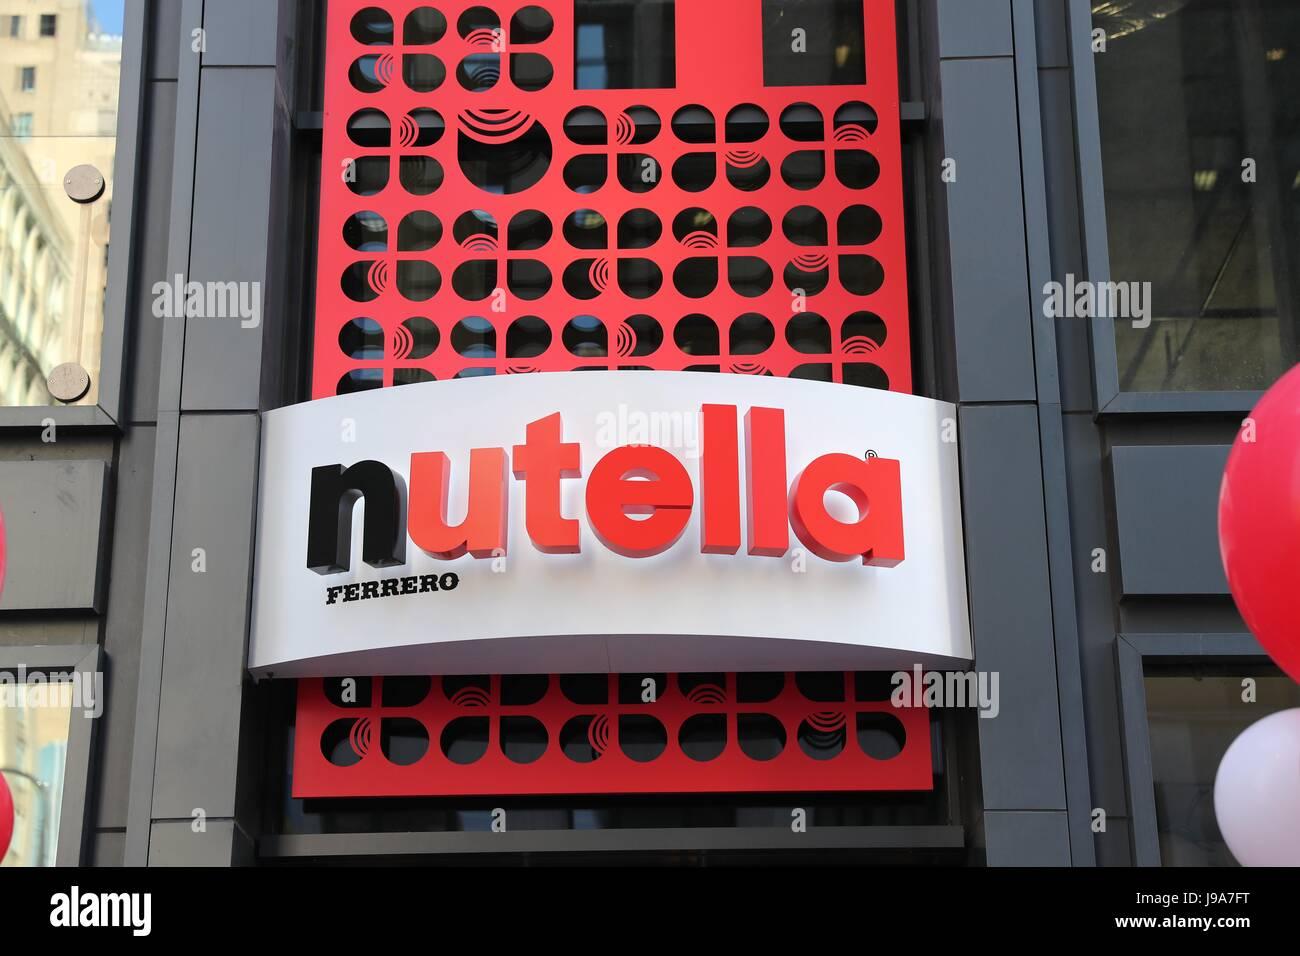 Chicago, USA. 31 mai, 2017. Photo prise le 31 mai 2017, montre le logo de Nutella Cafe à Chicago, aux États Photo Stock